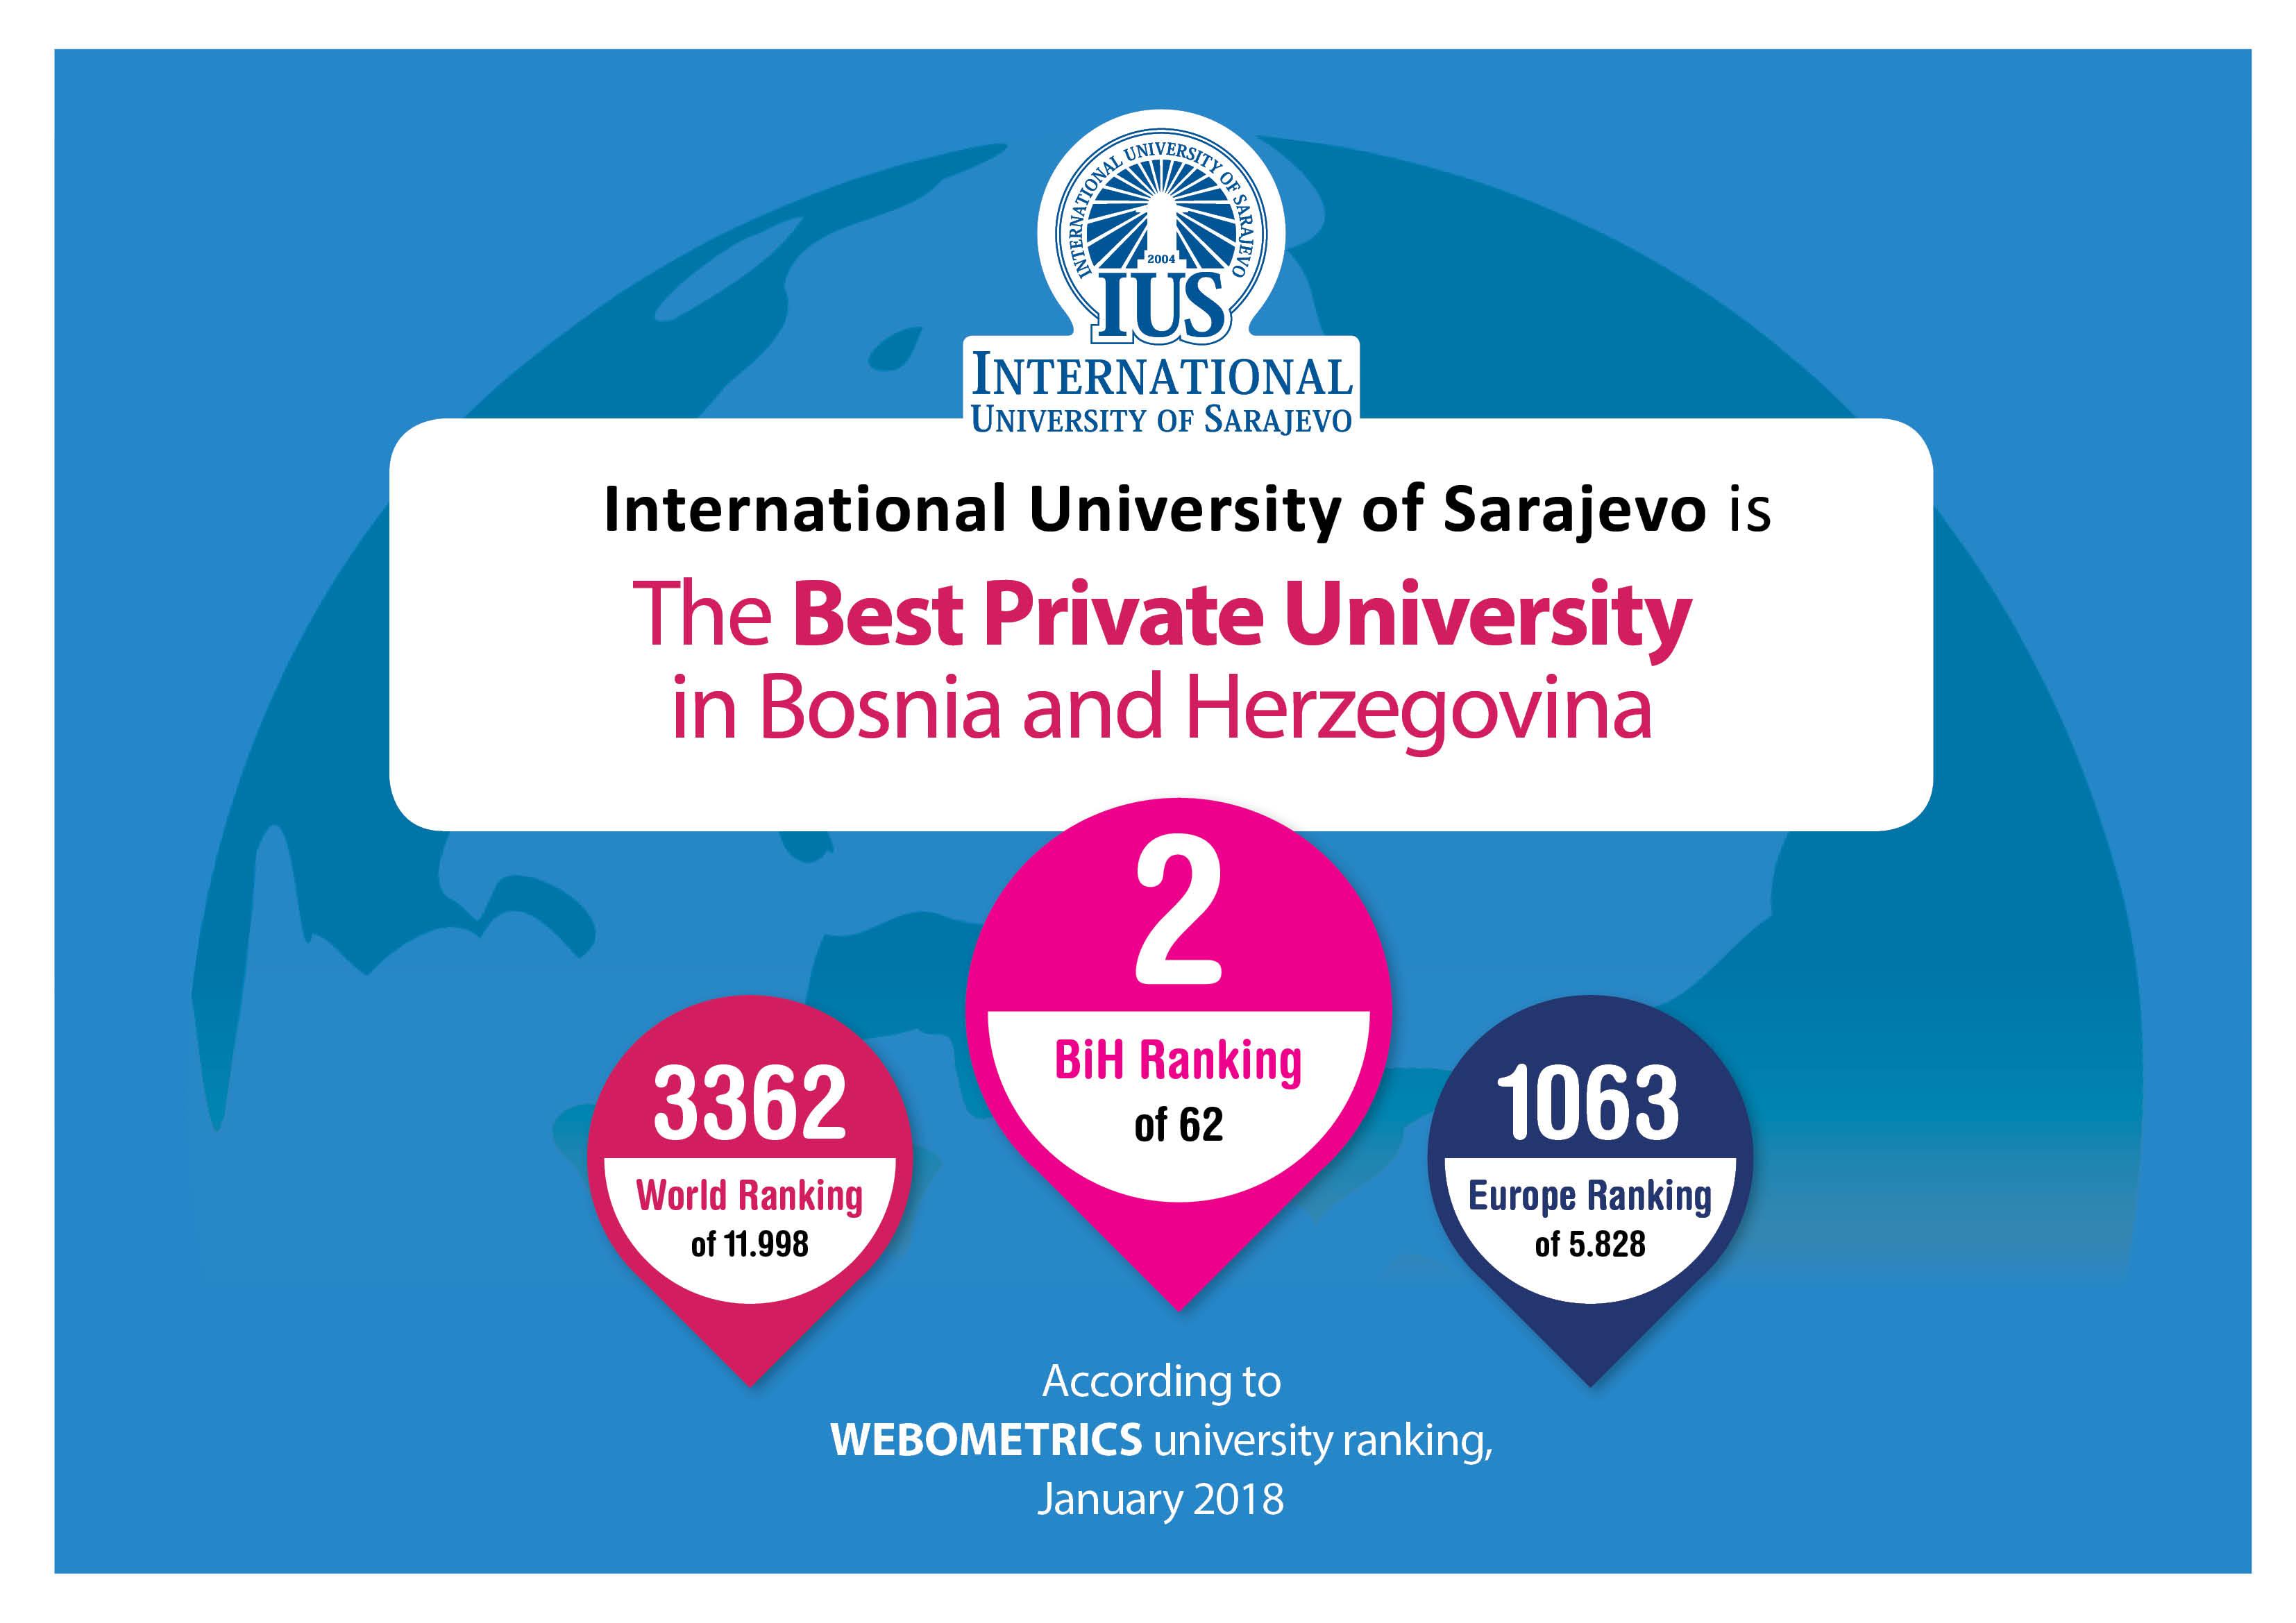 Internacionalni univerzitet u Sarajevu (IUS) rangiran kao najbolji privatni univerzitet u BiH